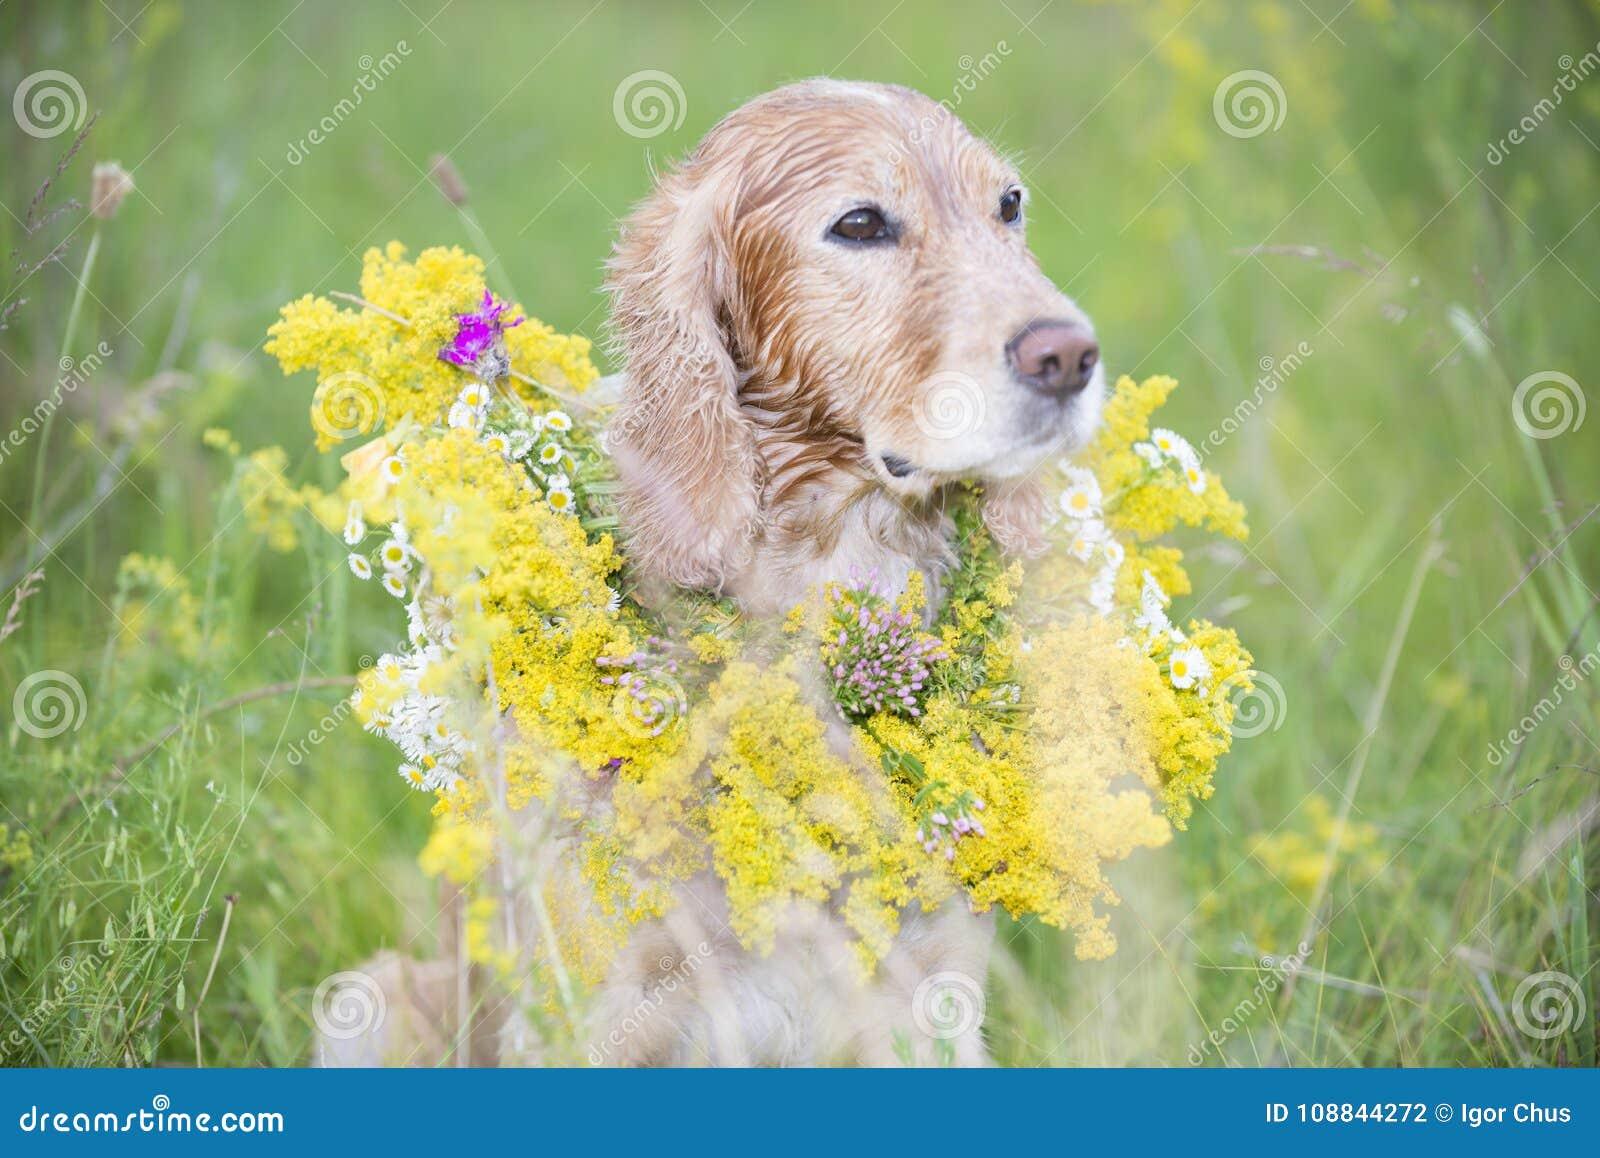 Złoty spaniel w łące z bukietem wiosna kwitnie